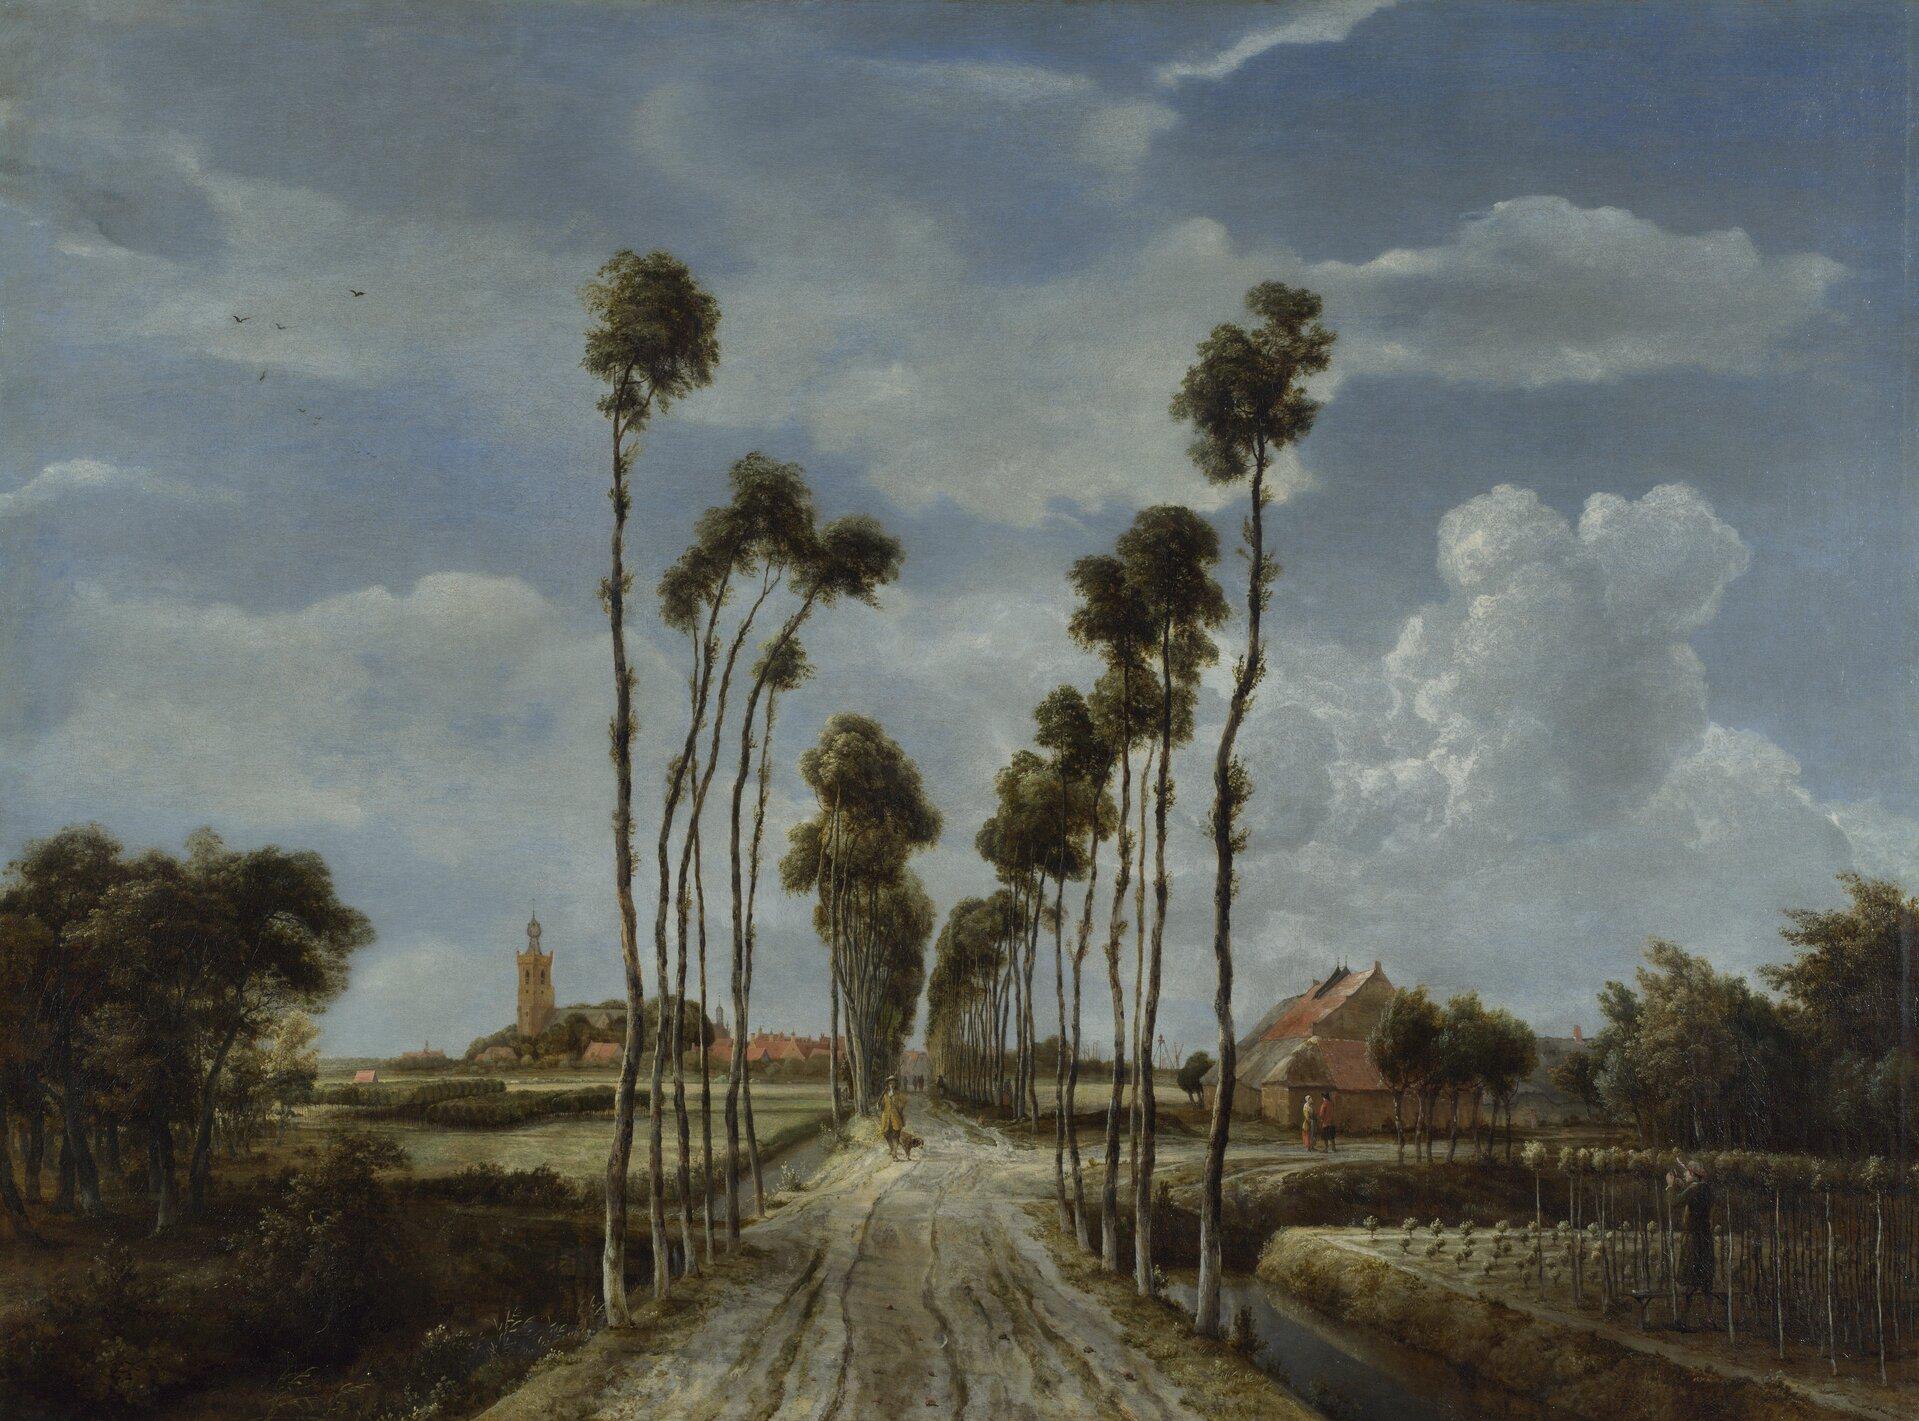 """Ilustracja przedstawia obraz Meinderta Hobbemy pt. """"Droga do Middelharnis"""". Ukazuje ona polną drogę do miasta. Wzdłuż niej rosną wysokie, cienkie drzewa. Obraz przedstawia wiejski krajobraz, którego centralną częścią jest droga zrosnącymi po bokach wysokimi drzewami. Niebo zajmuje przeważającą część obrazu; sfera ziemska zajmuje mniej więcej 1/4 kompozycji. Niebo jest częściowo przysłonięte kłębiastymi chmurami. Na horyzoncie widać wiejskie zabudowania, skupione wokół kościoła, którego wysoka wieża góruje ponad krytymi czerwoną dachówką domami. Prawa odnoga drogi prowadzi do gospodarstwa, wktórym znajduje się duży dom idwie rozmawiające osoby. Na pierwszym planie po prawej stronie widoczna jest kobieta, zbierająca winogrona. Ponadto pośrodku głównej drogi, obok odnogi, widoczny jest spacerujący mężczyzna zpsem."""